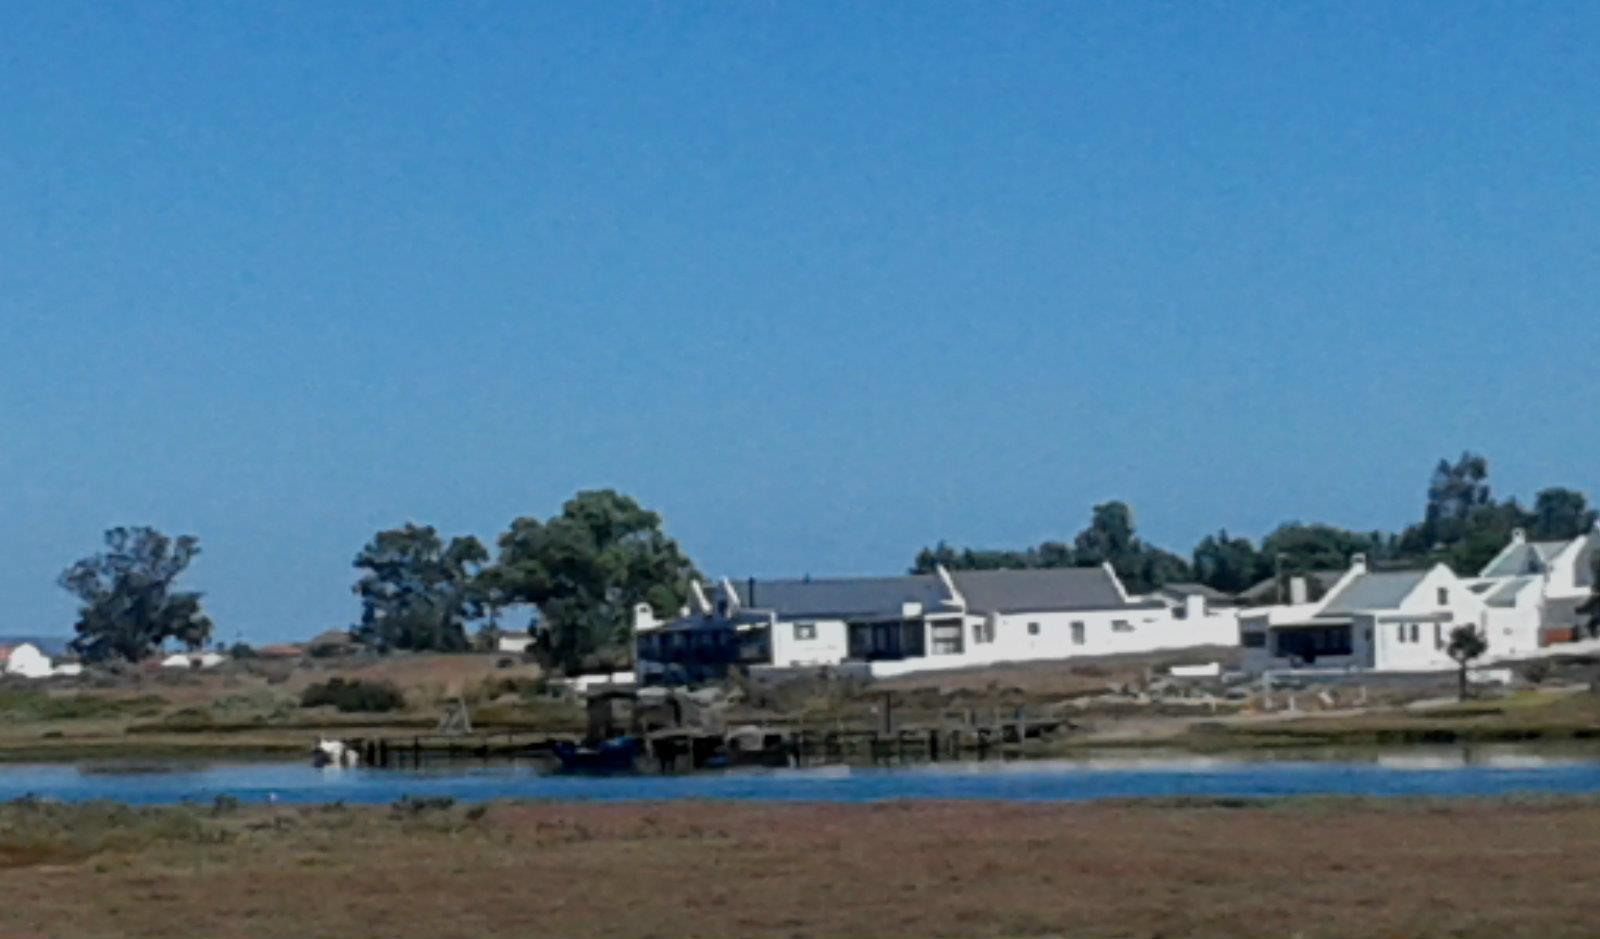 Velddrif, Laaiplek Property  | Houses For Sale Laaiplek, Laaiplek, Vacant Land  property for sale Price:1,000,000